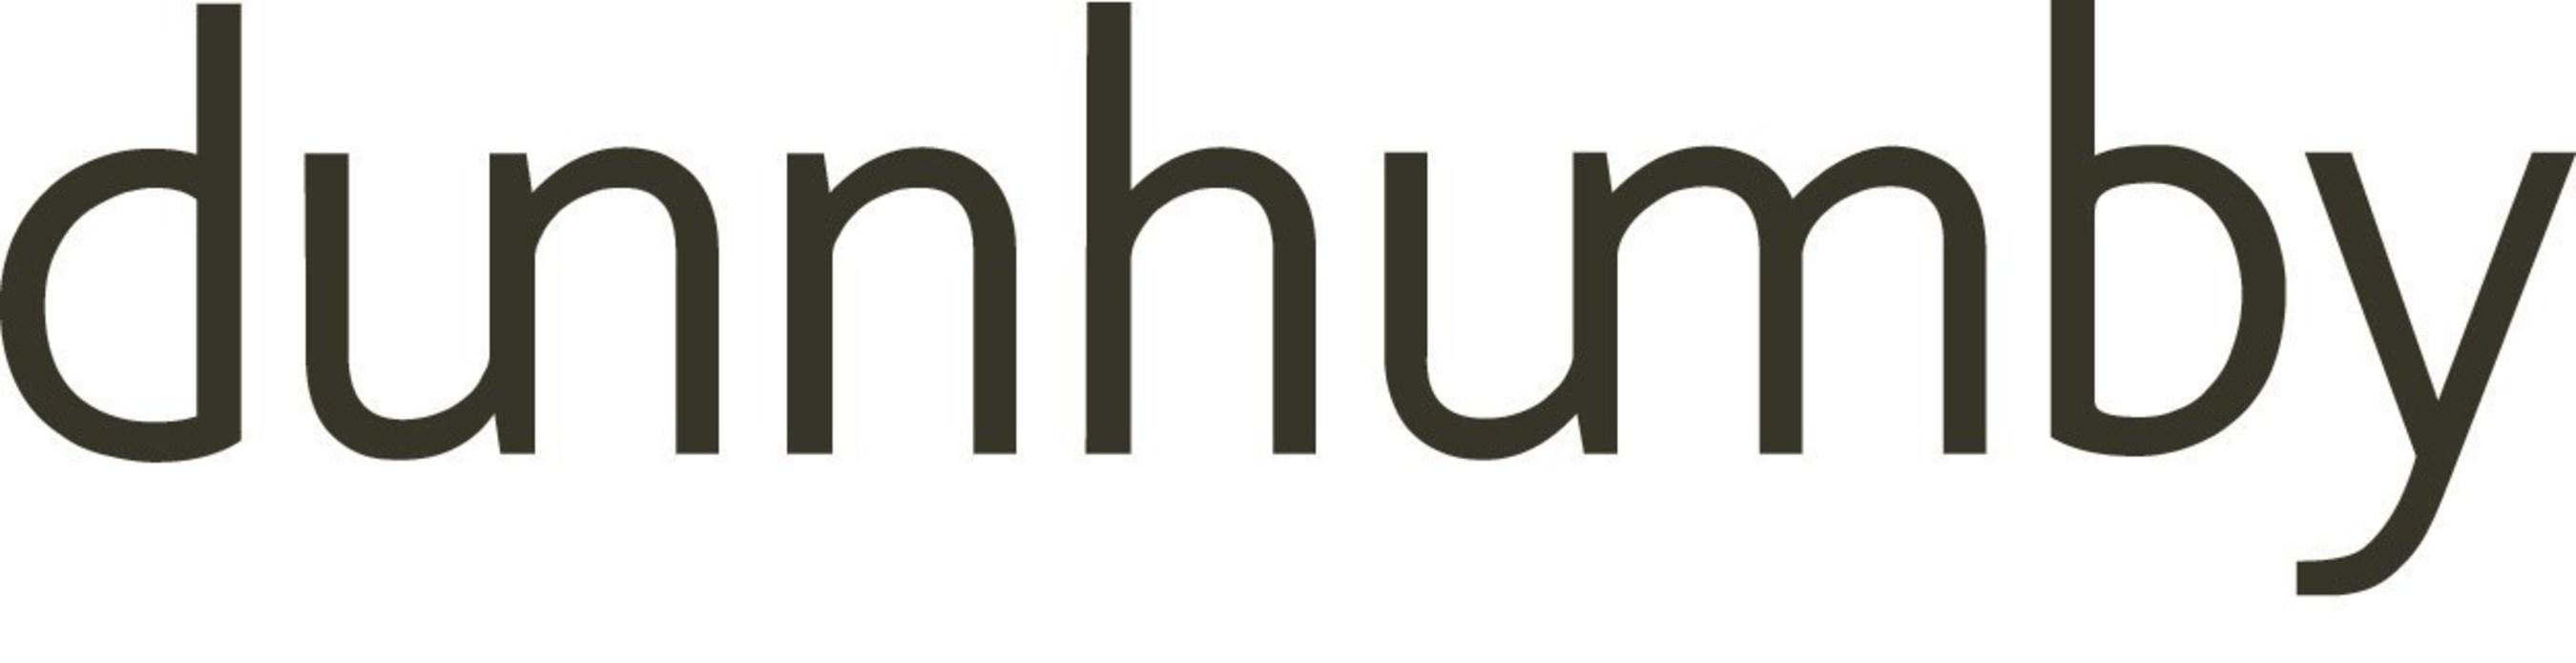 A Sonae Retalho seleciona a dunnhumby para prorrogar a otimização de preços para novos formatos e